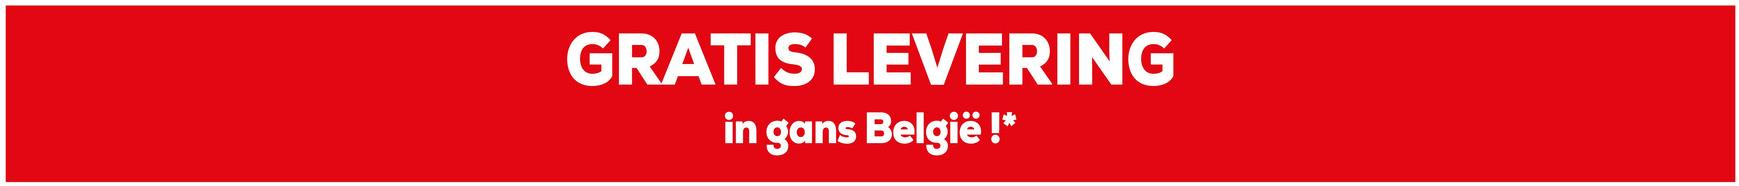 GRATIS LEVERING in gans België !*